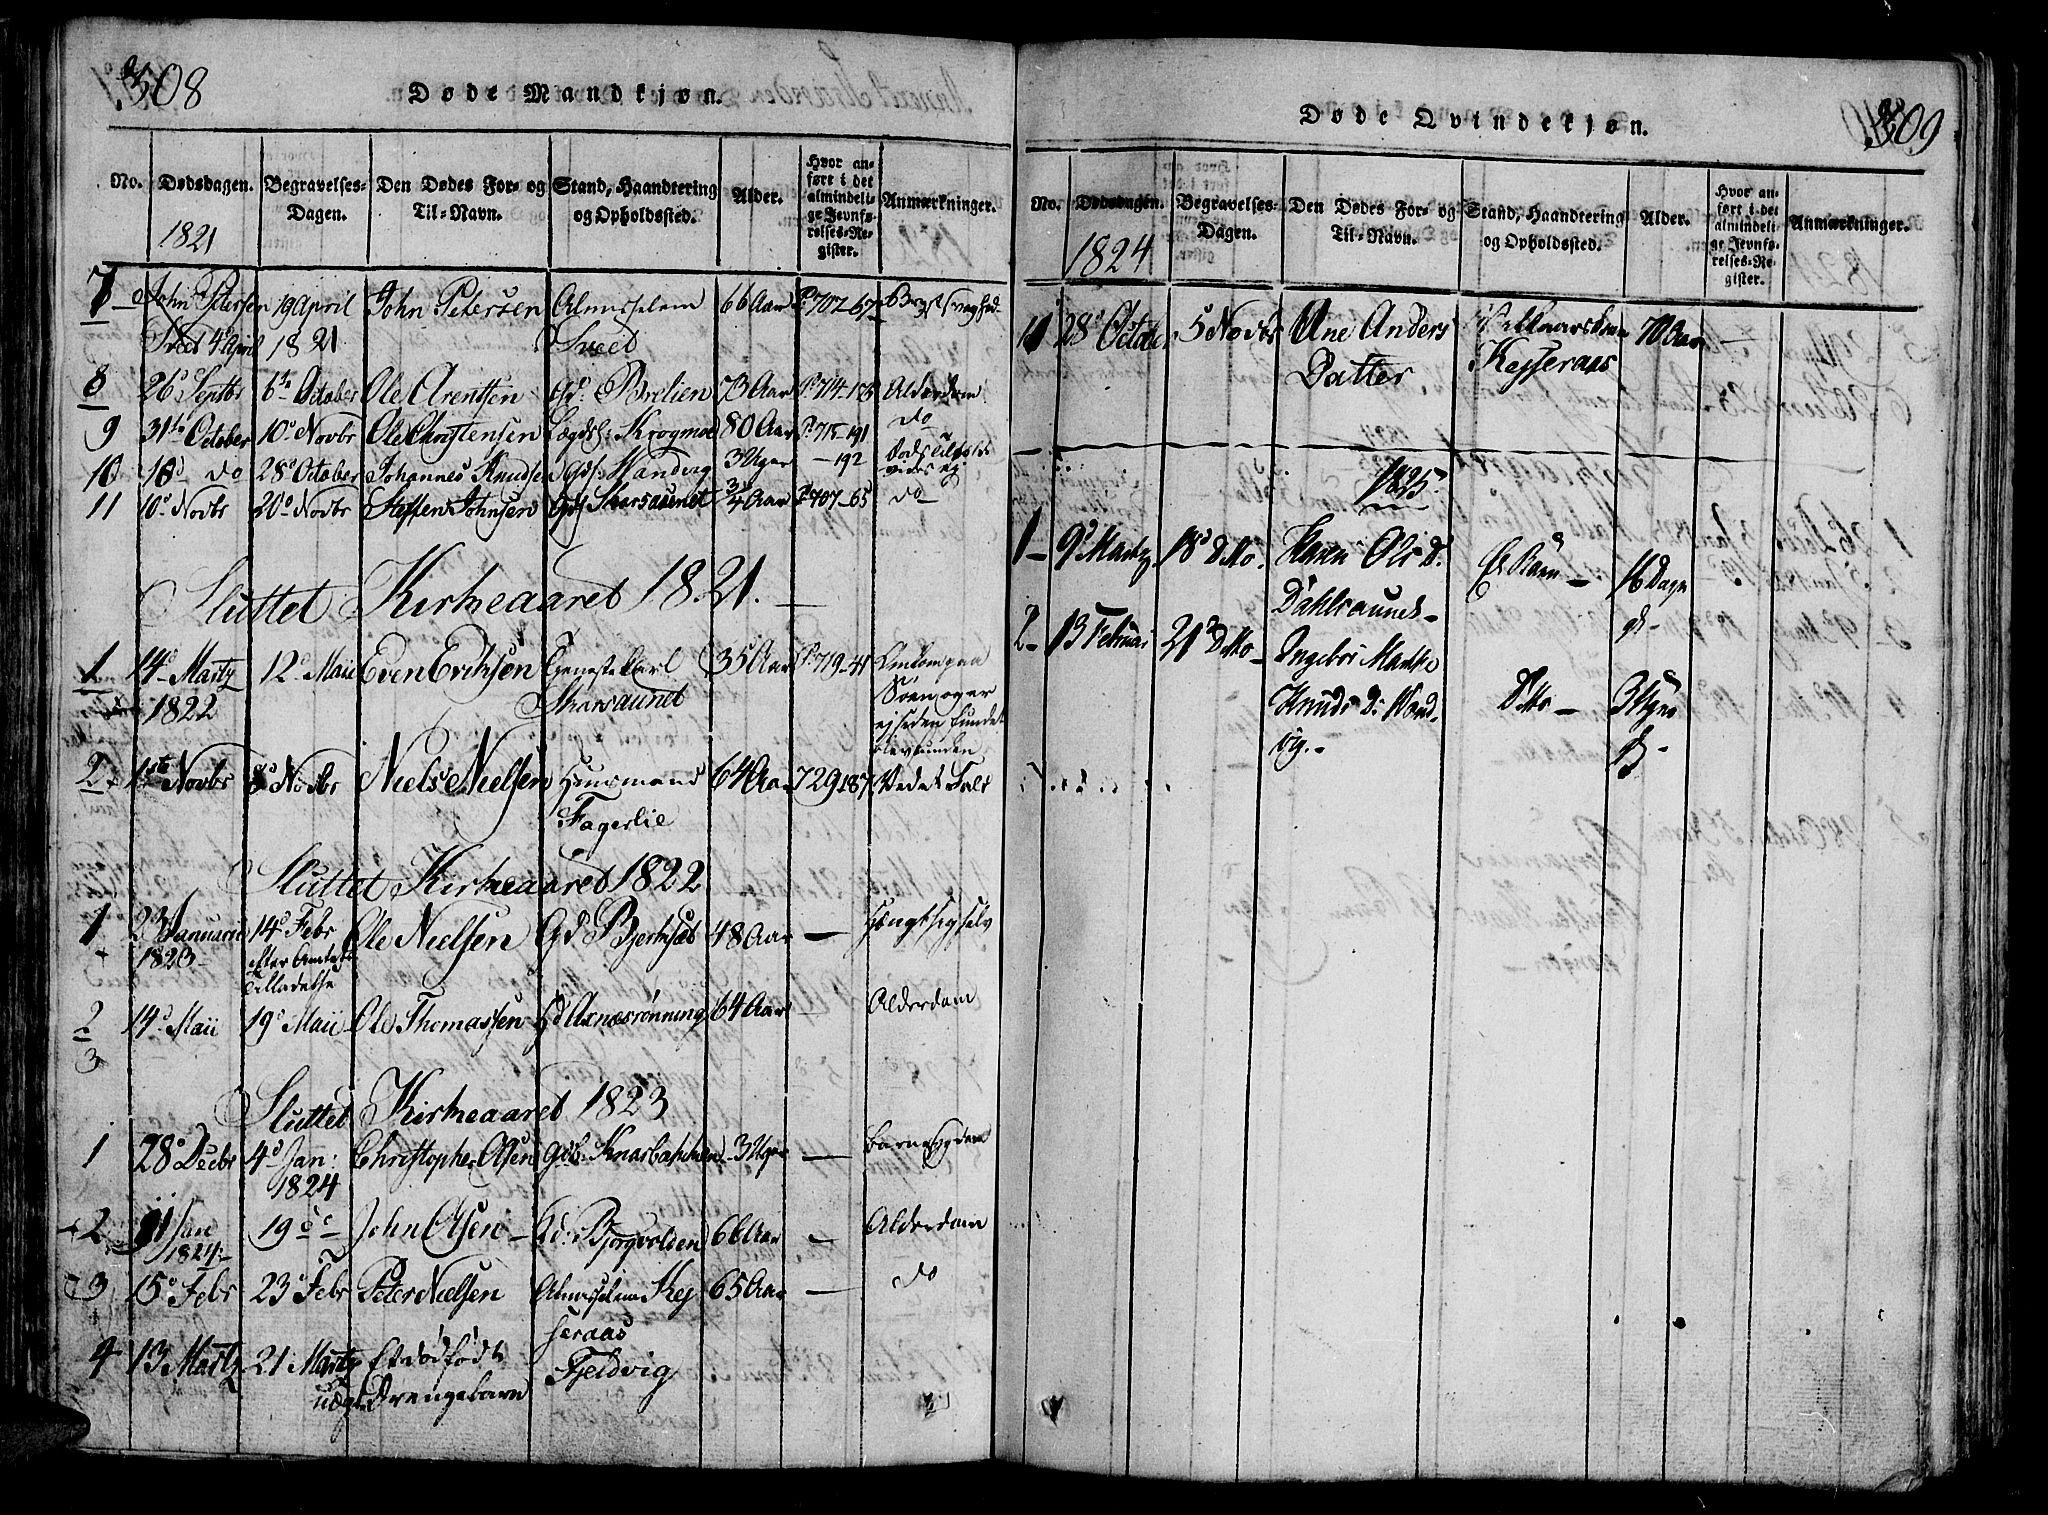 SAT, Ministerialprotokoller, klokkerbøker og fødselsregistre - Nord-Trøndelag, 701/L0005: Ministerialbok nr. 701A05 /2, 1816-1825, s. 308-309